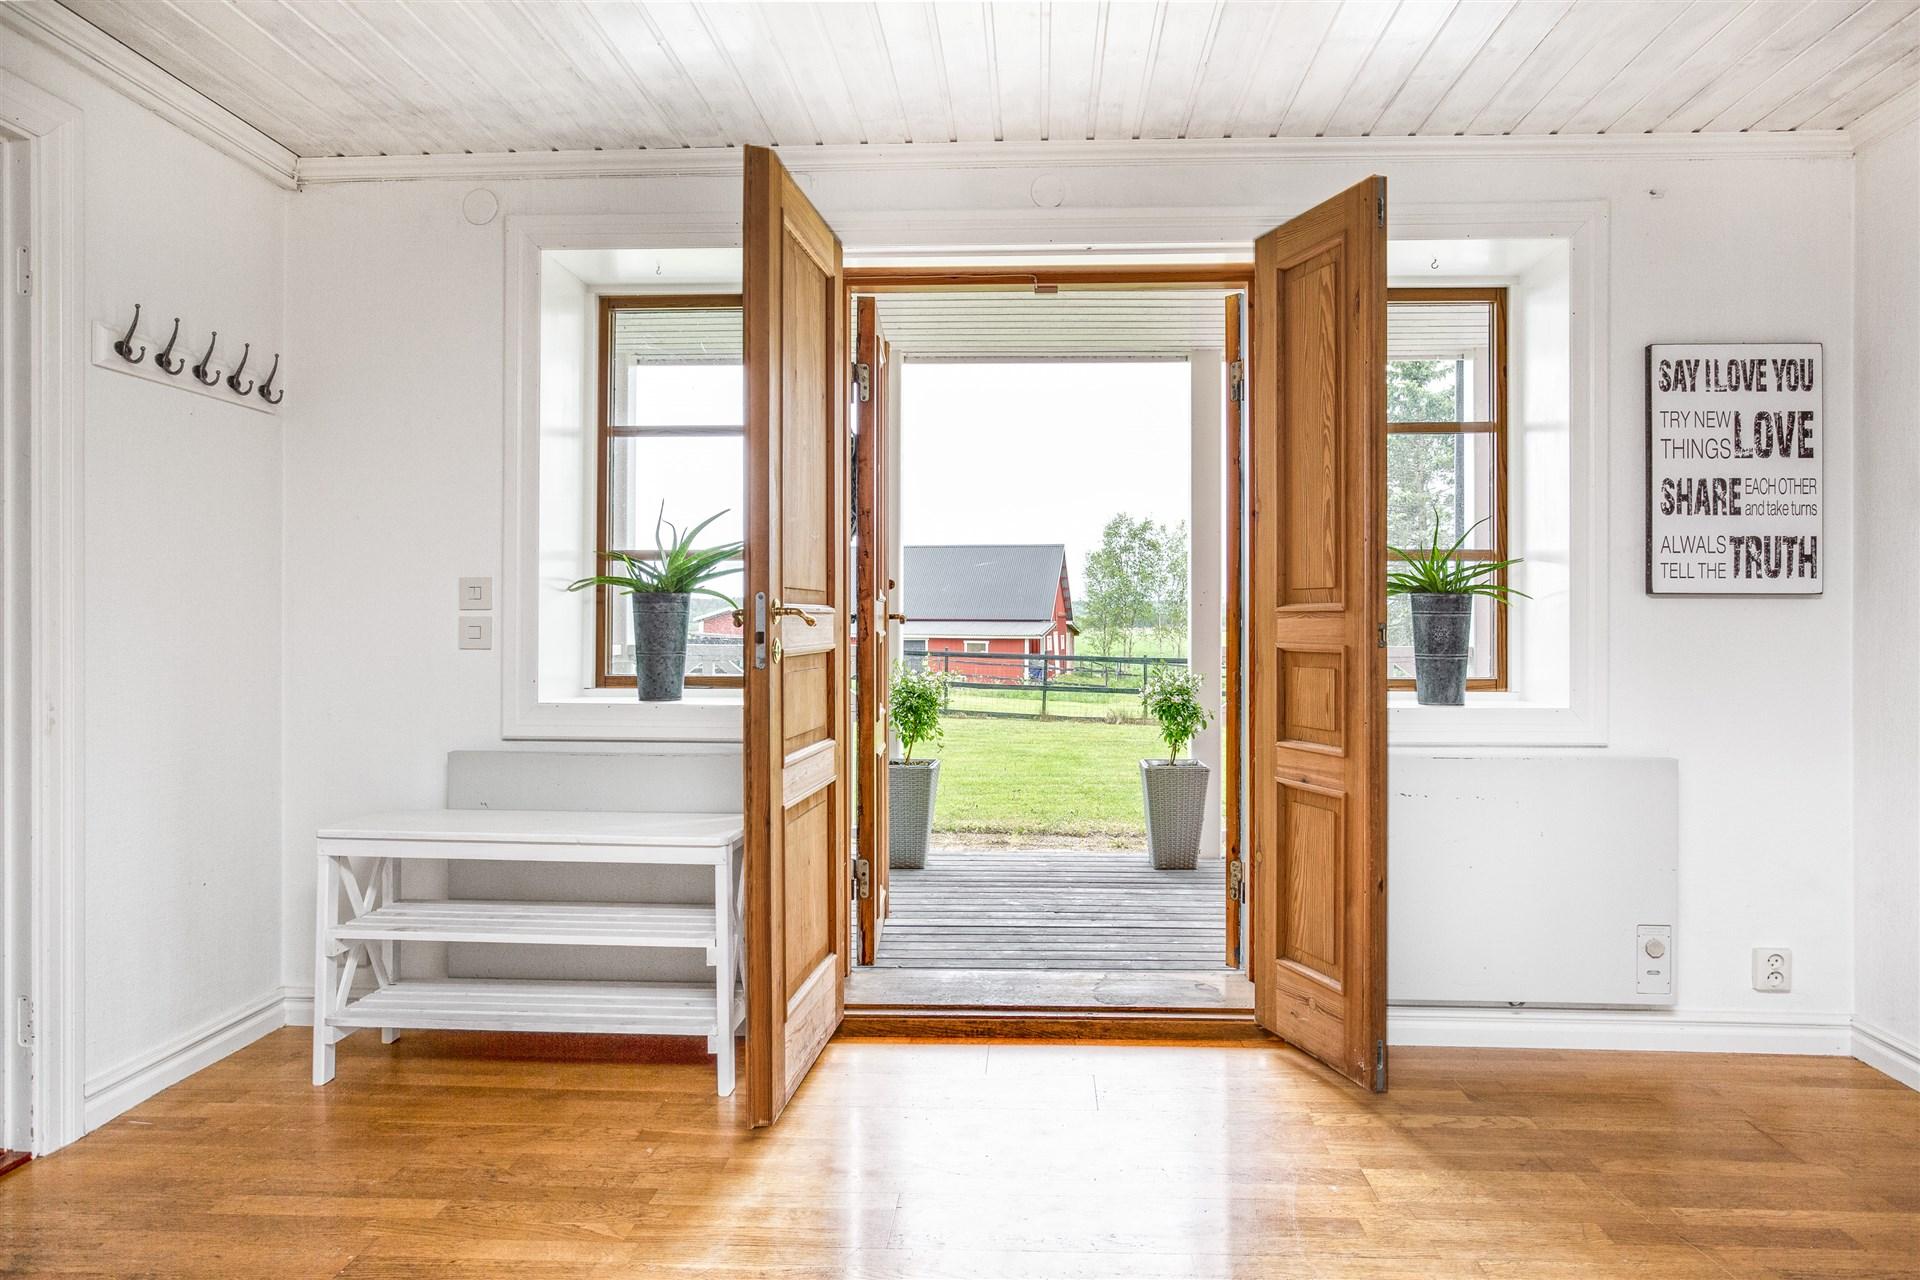 Ljus rymlig hall med dubbeldörrar.